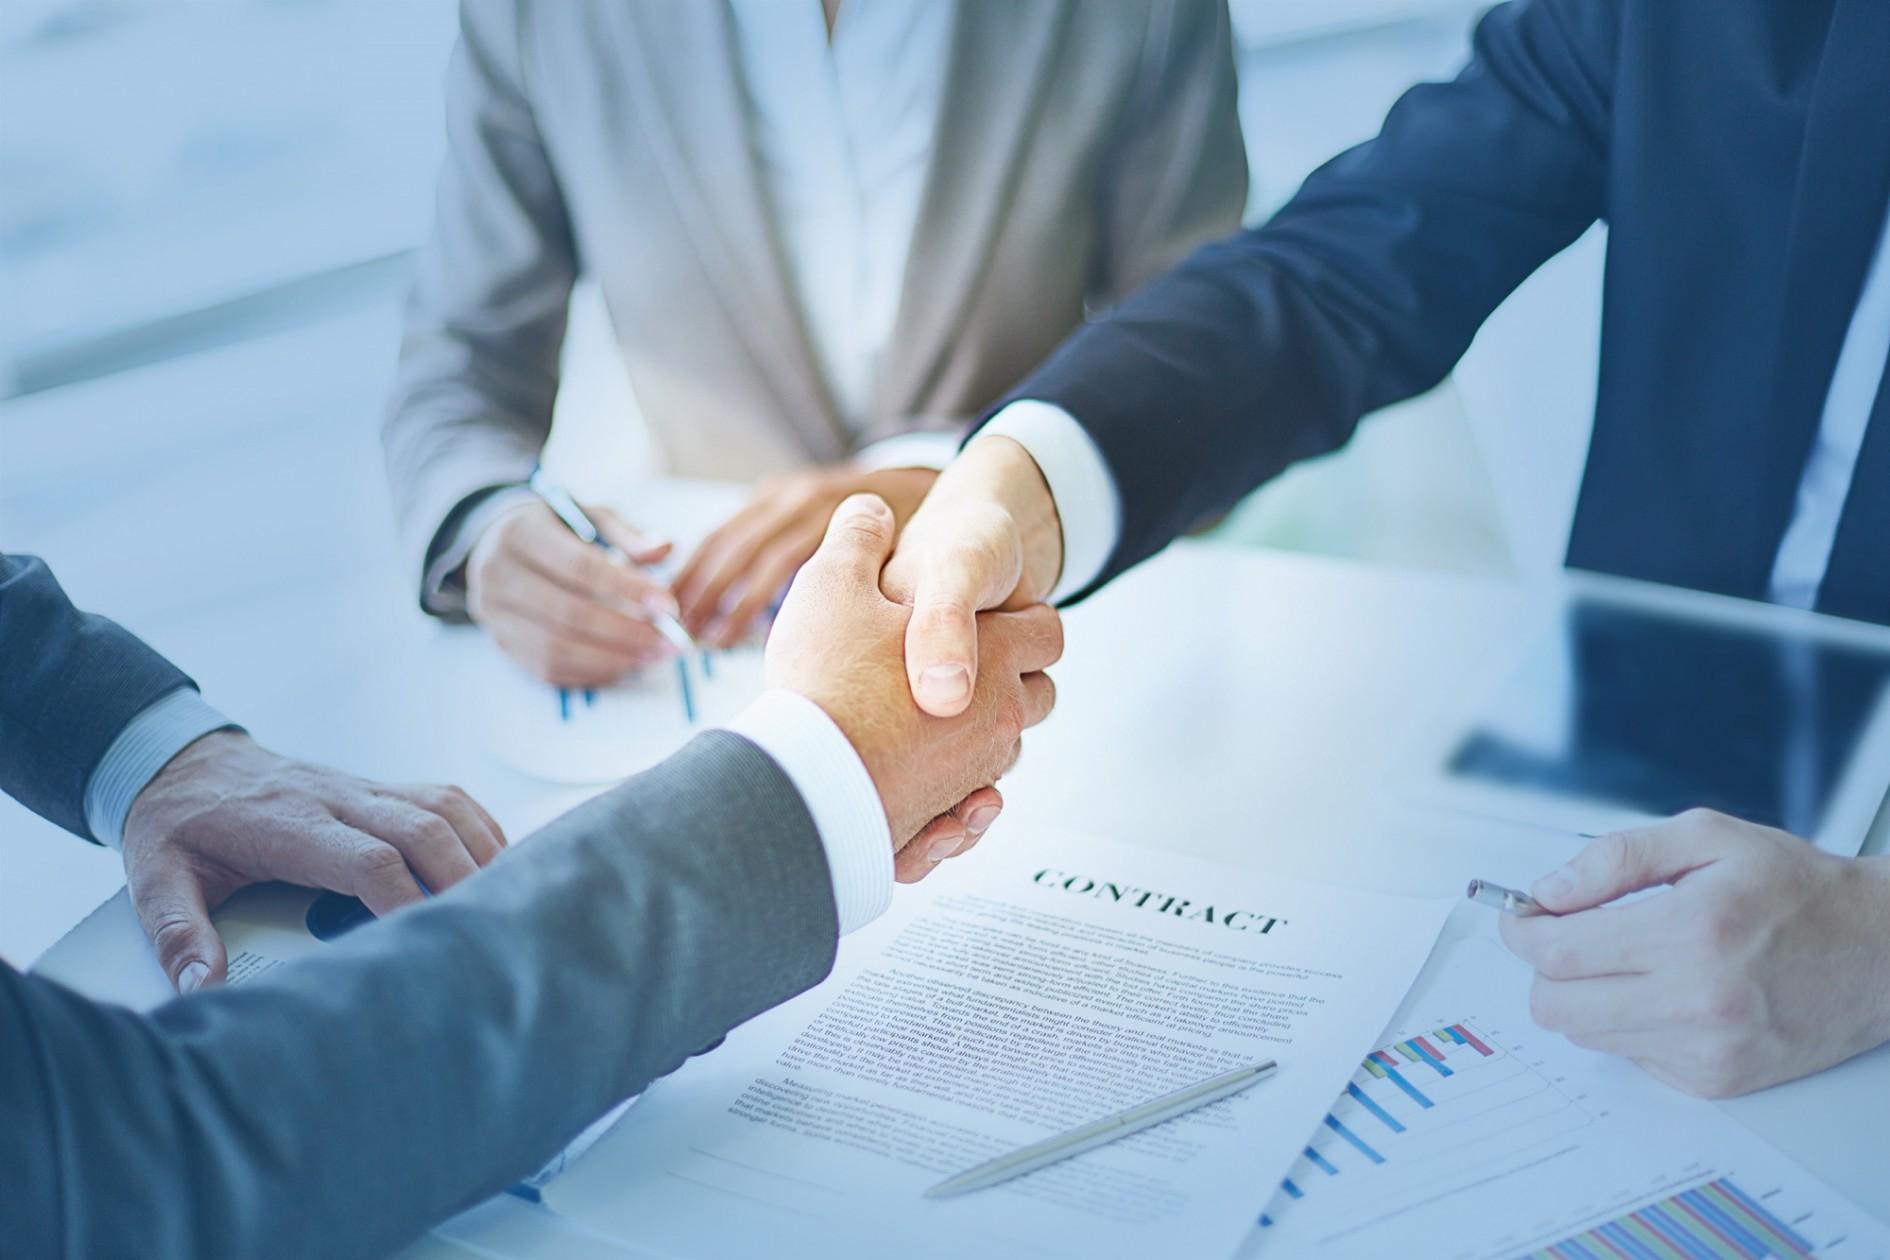 Modele współpracy - Wsparcie w sprawie / Stała obsługa prawna